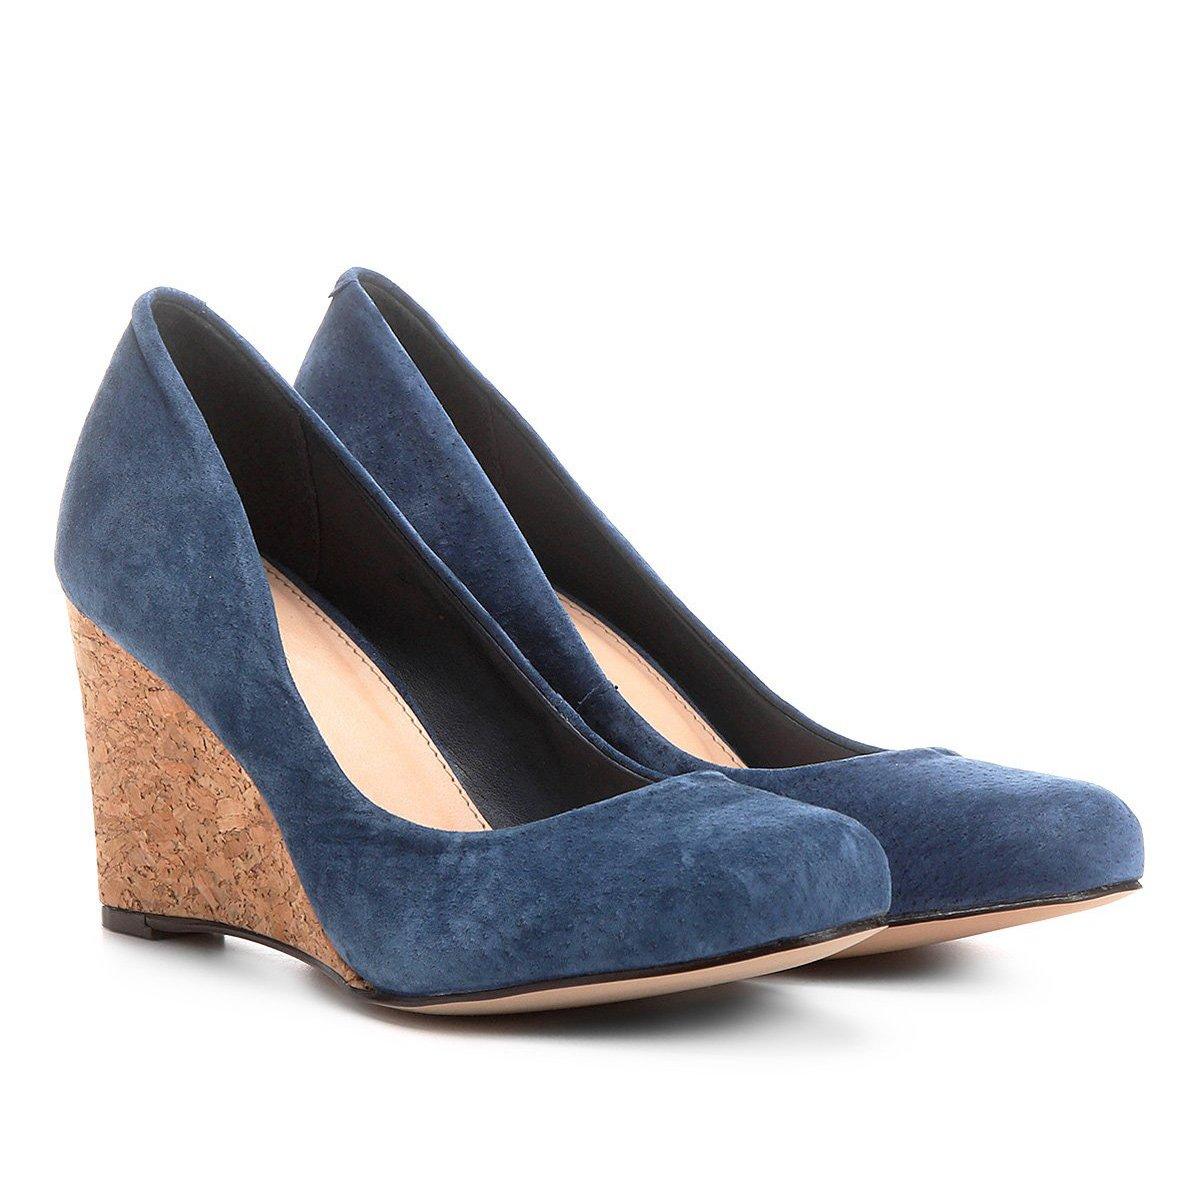 0d93d25962 Scarpin Couro Shoestock Anabela Bico Amendoado - Azul